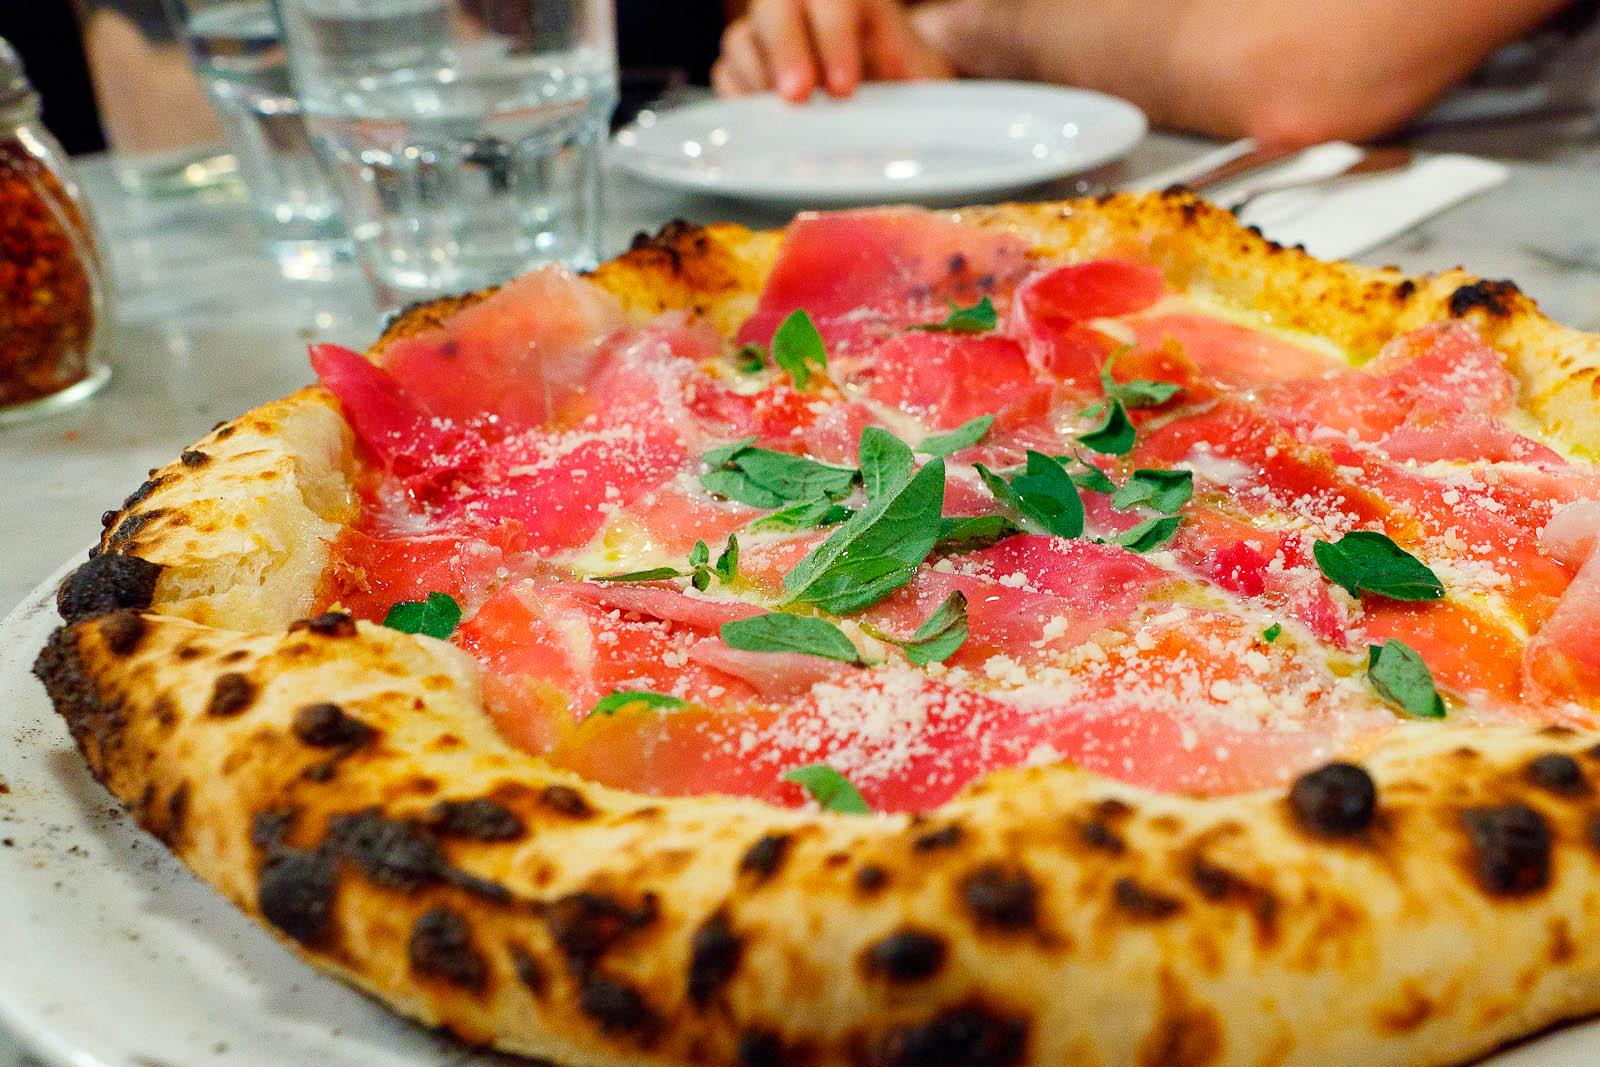 Pizza Prosciutto di Parma - fior di latte, olive oil, oregano, pecorino ($15)